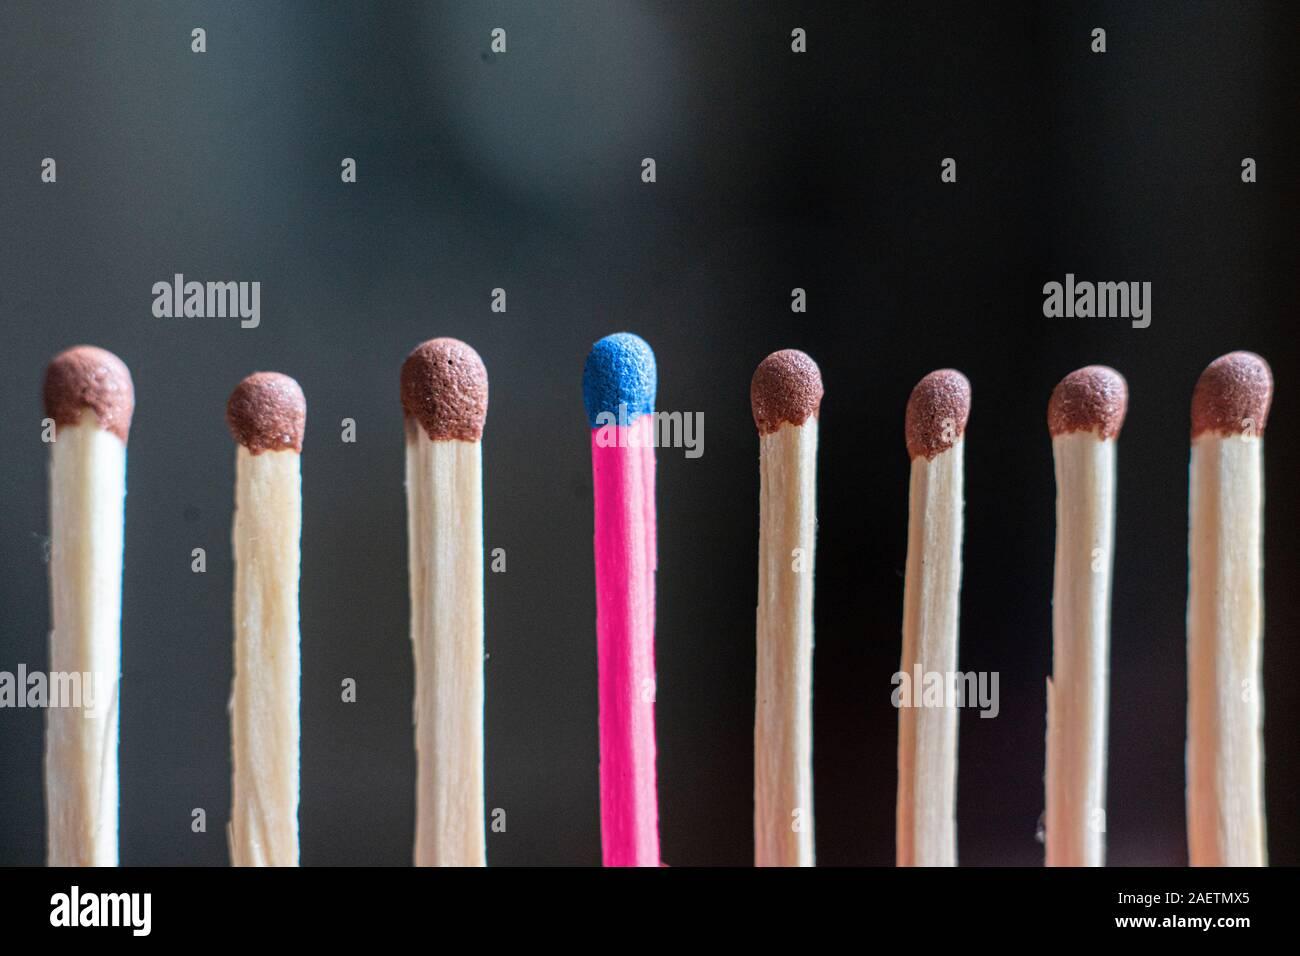 Única coincidencia de madera entre los demás regulares, la idea de trabajo en equipo Foto de stock